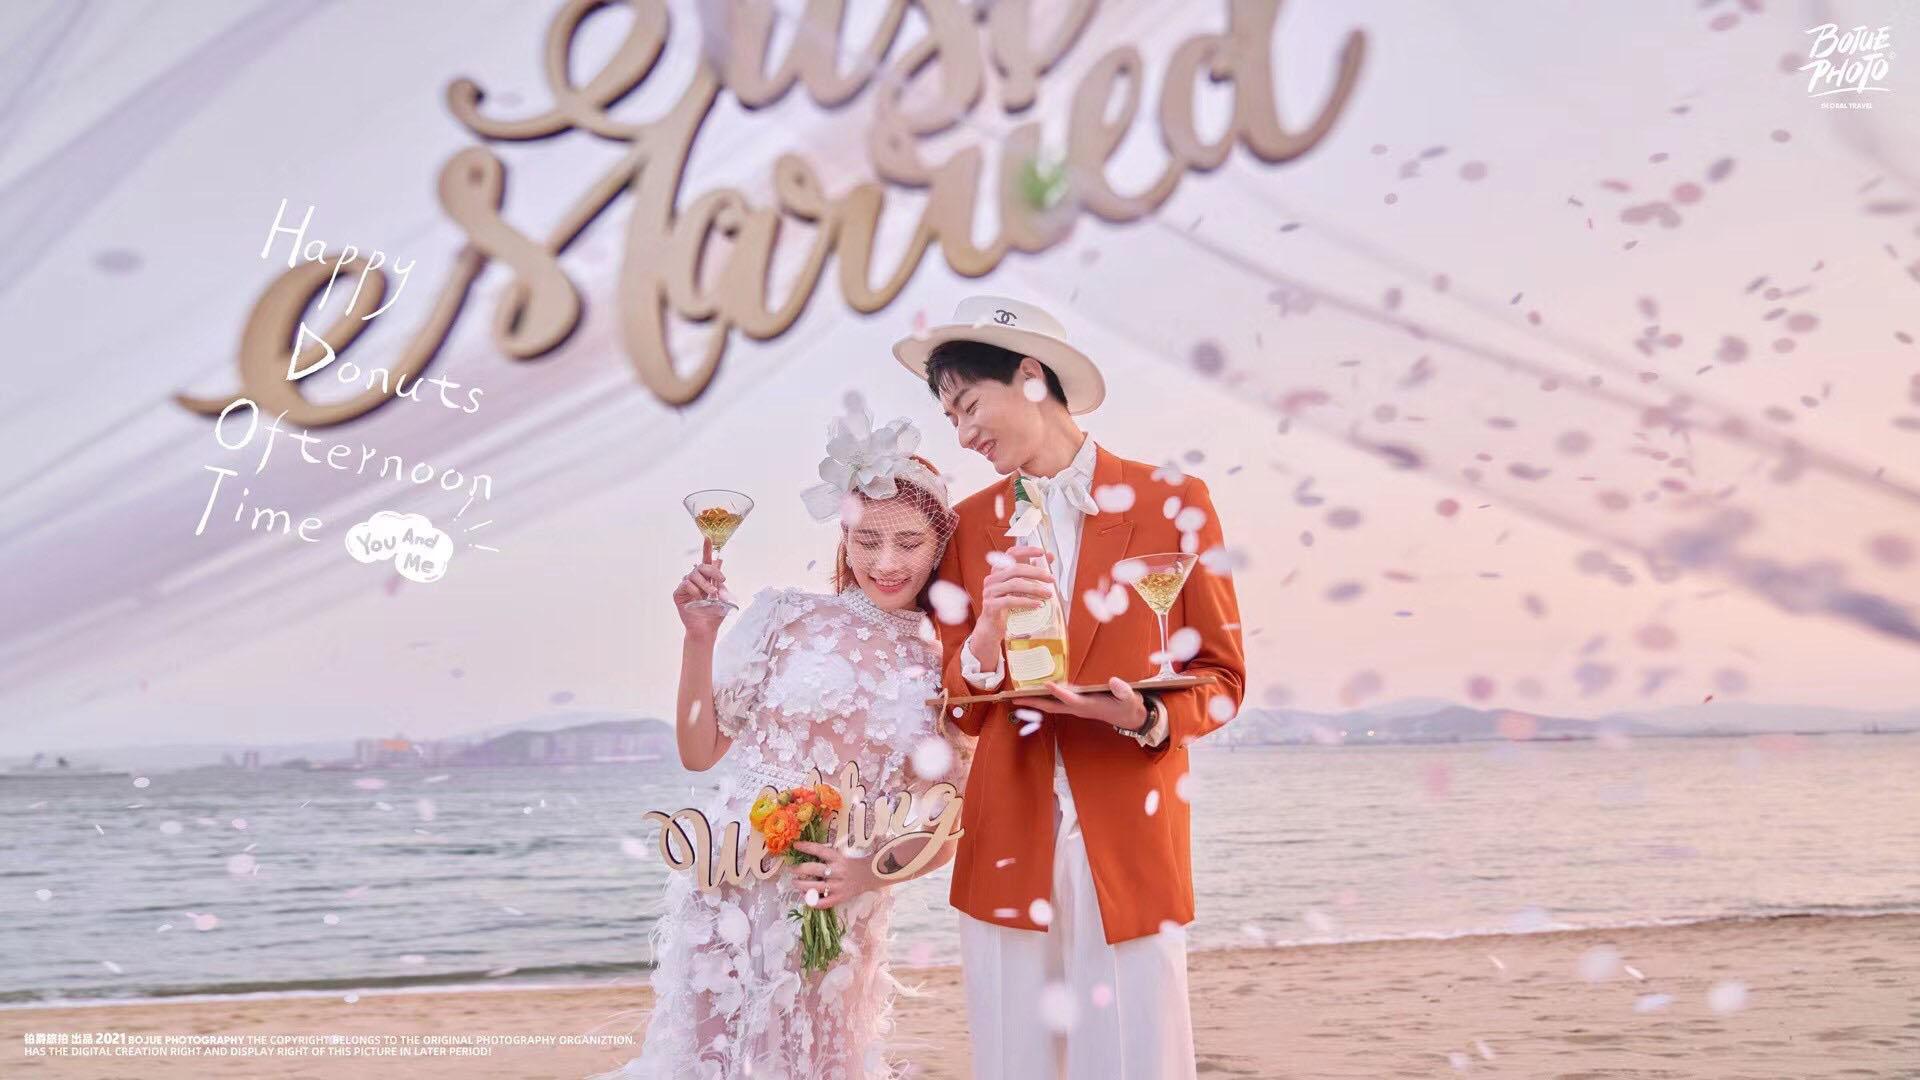 铂爵旅拍厦门婚纱照 感受浪漫旅拍带来的惊喜体验